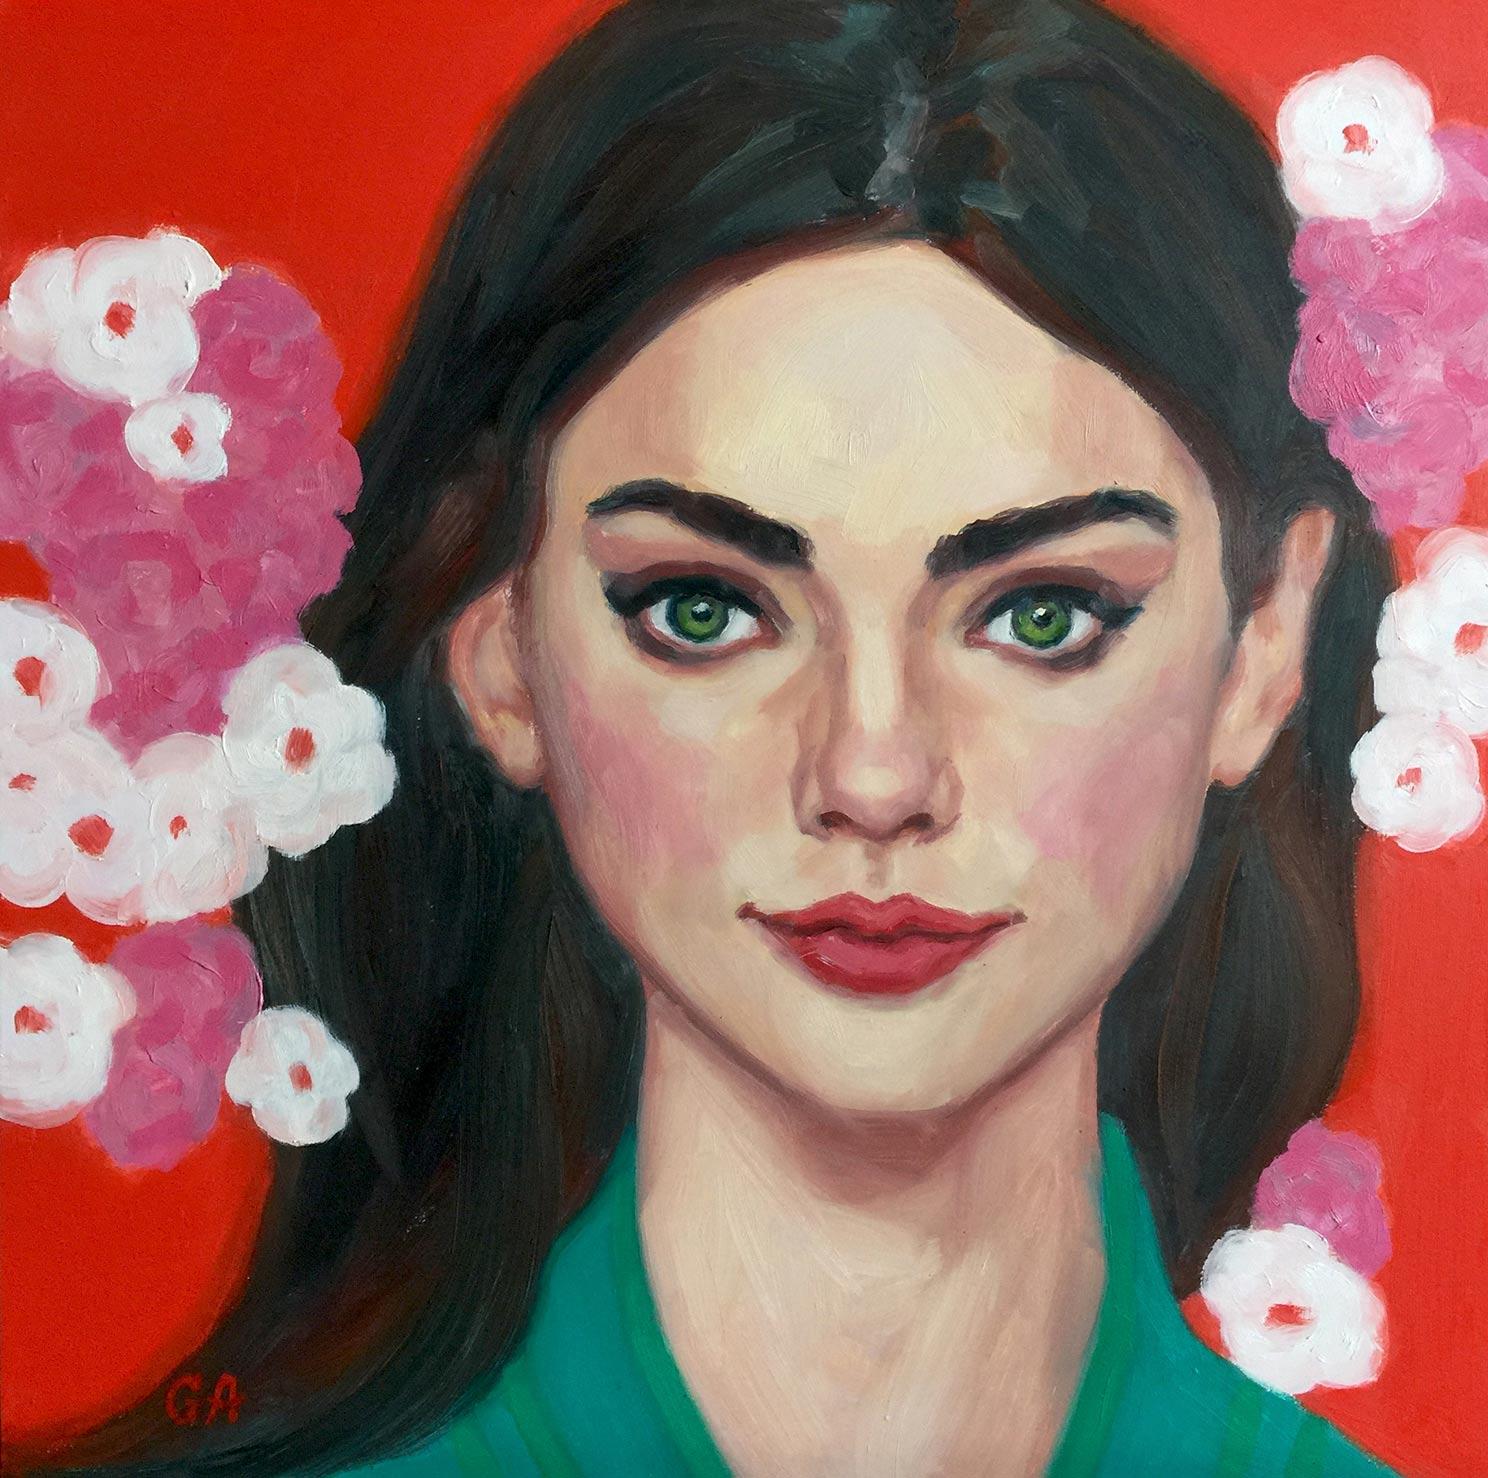 Spring-Beauty-Giselle-Ayupova-oil-painting.jpg